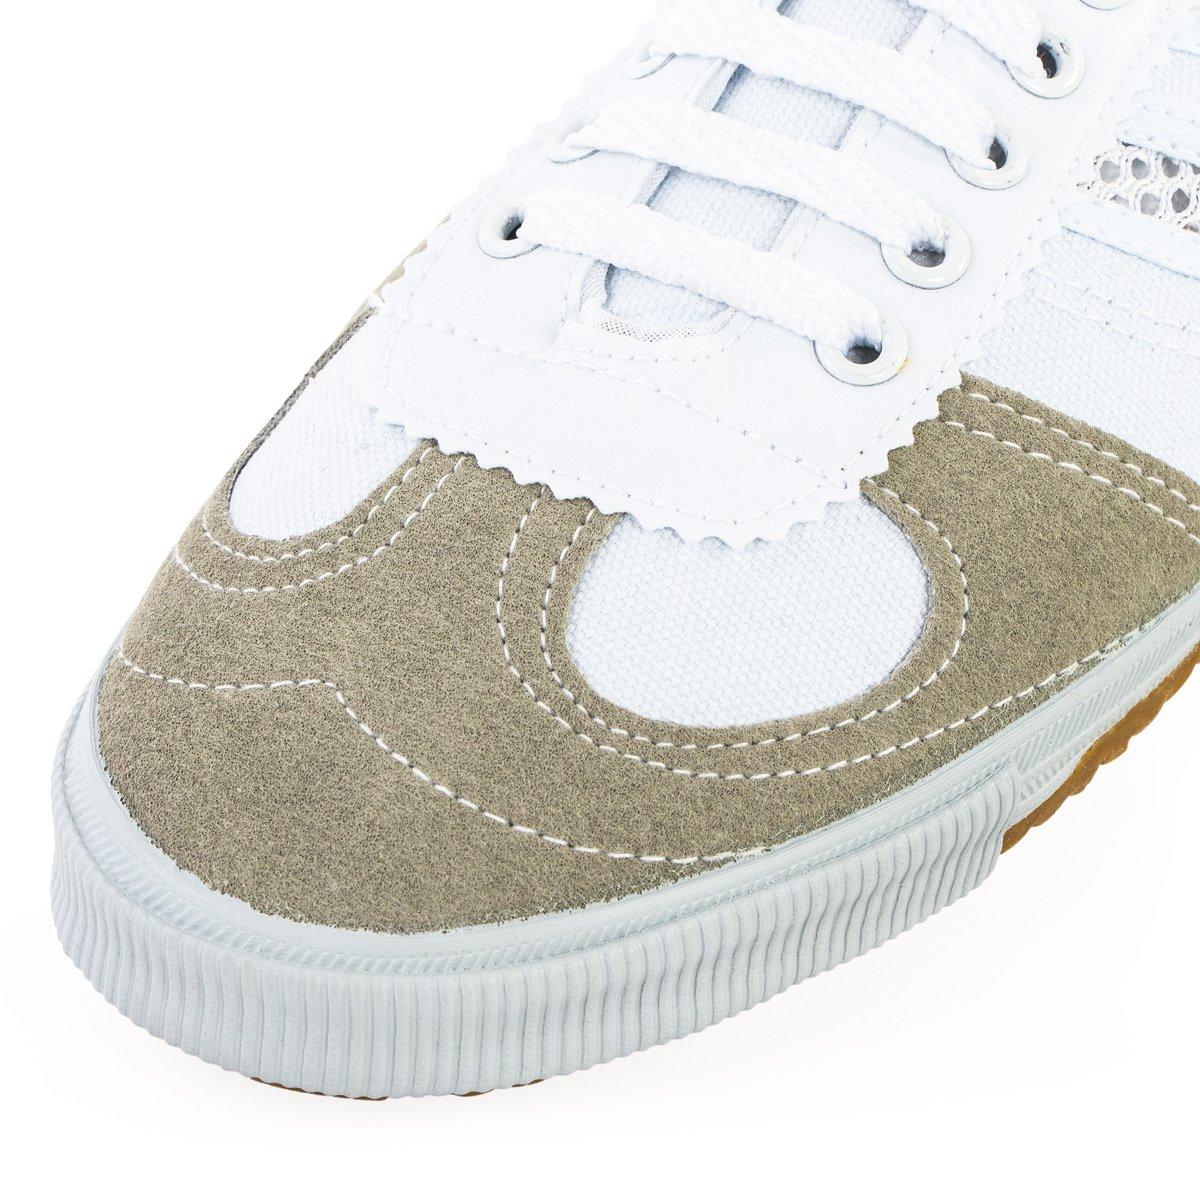 Wu Designs Shuang Xing - Artes Marciales - Wushu - Zapatillas deportivas & y de parcour - zapatillas minimalistas, color Weiss, tamaño 46: Amazon.es: ...